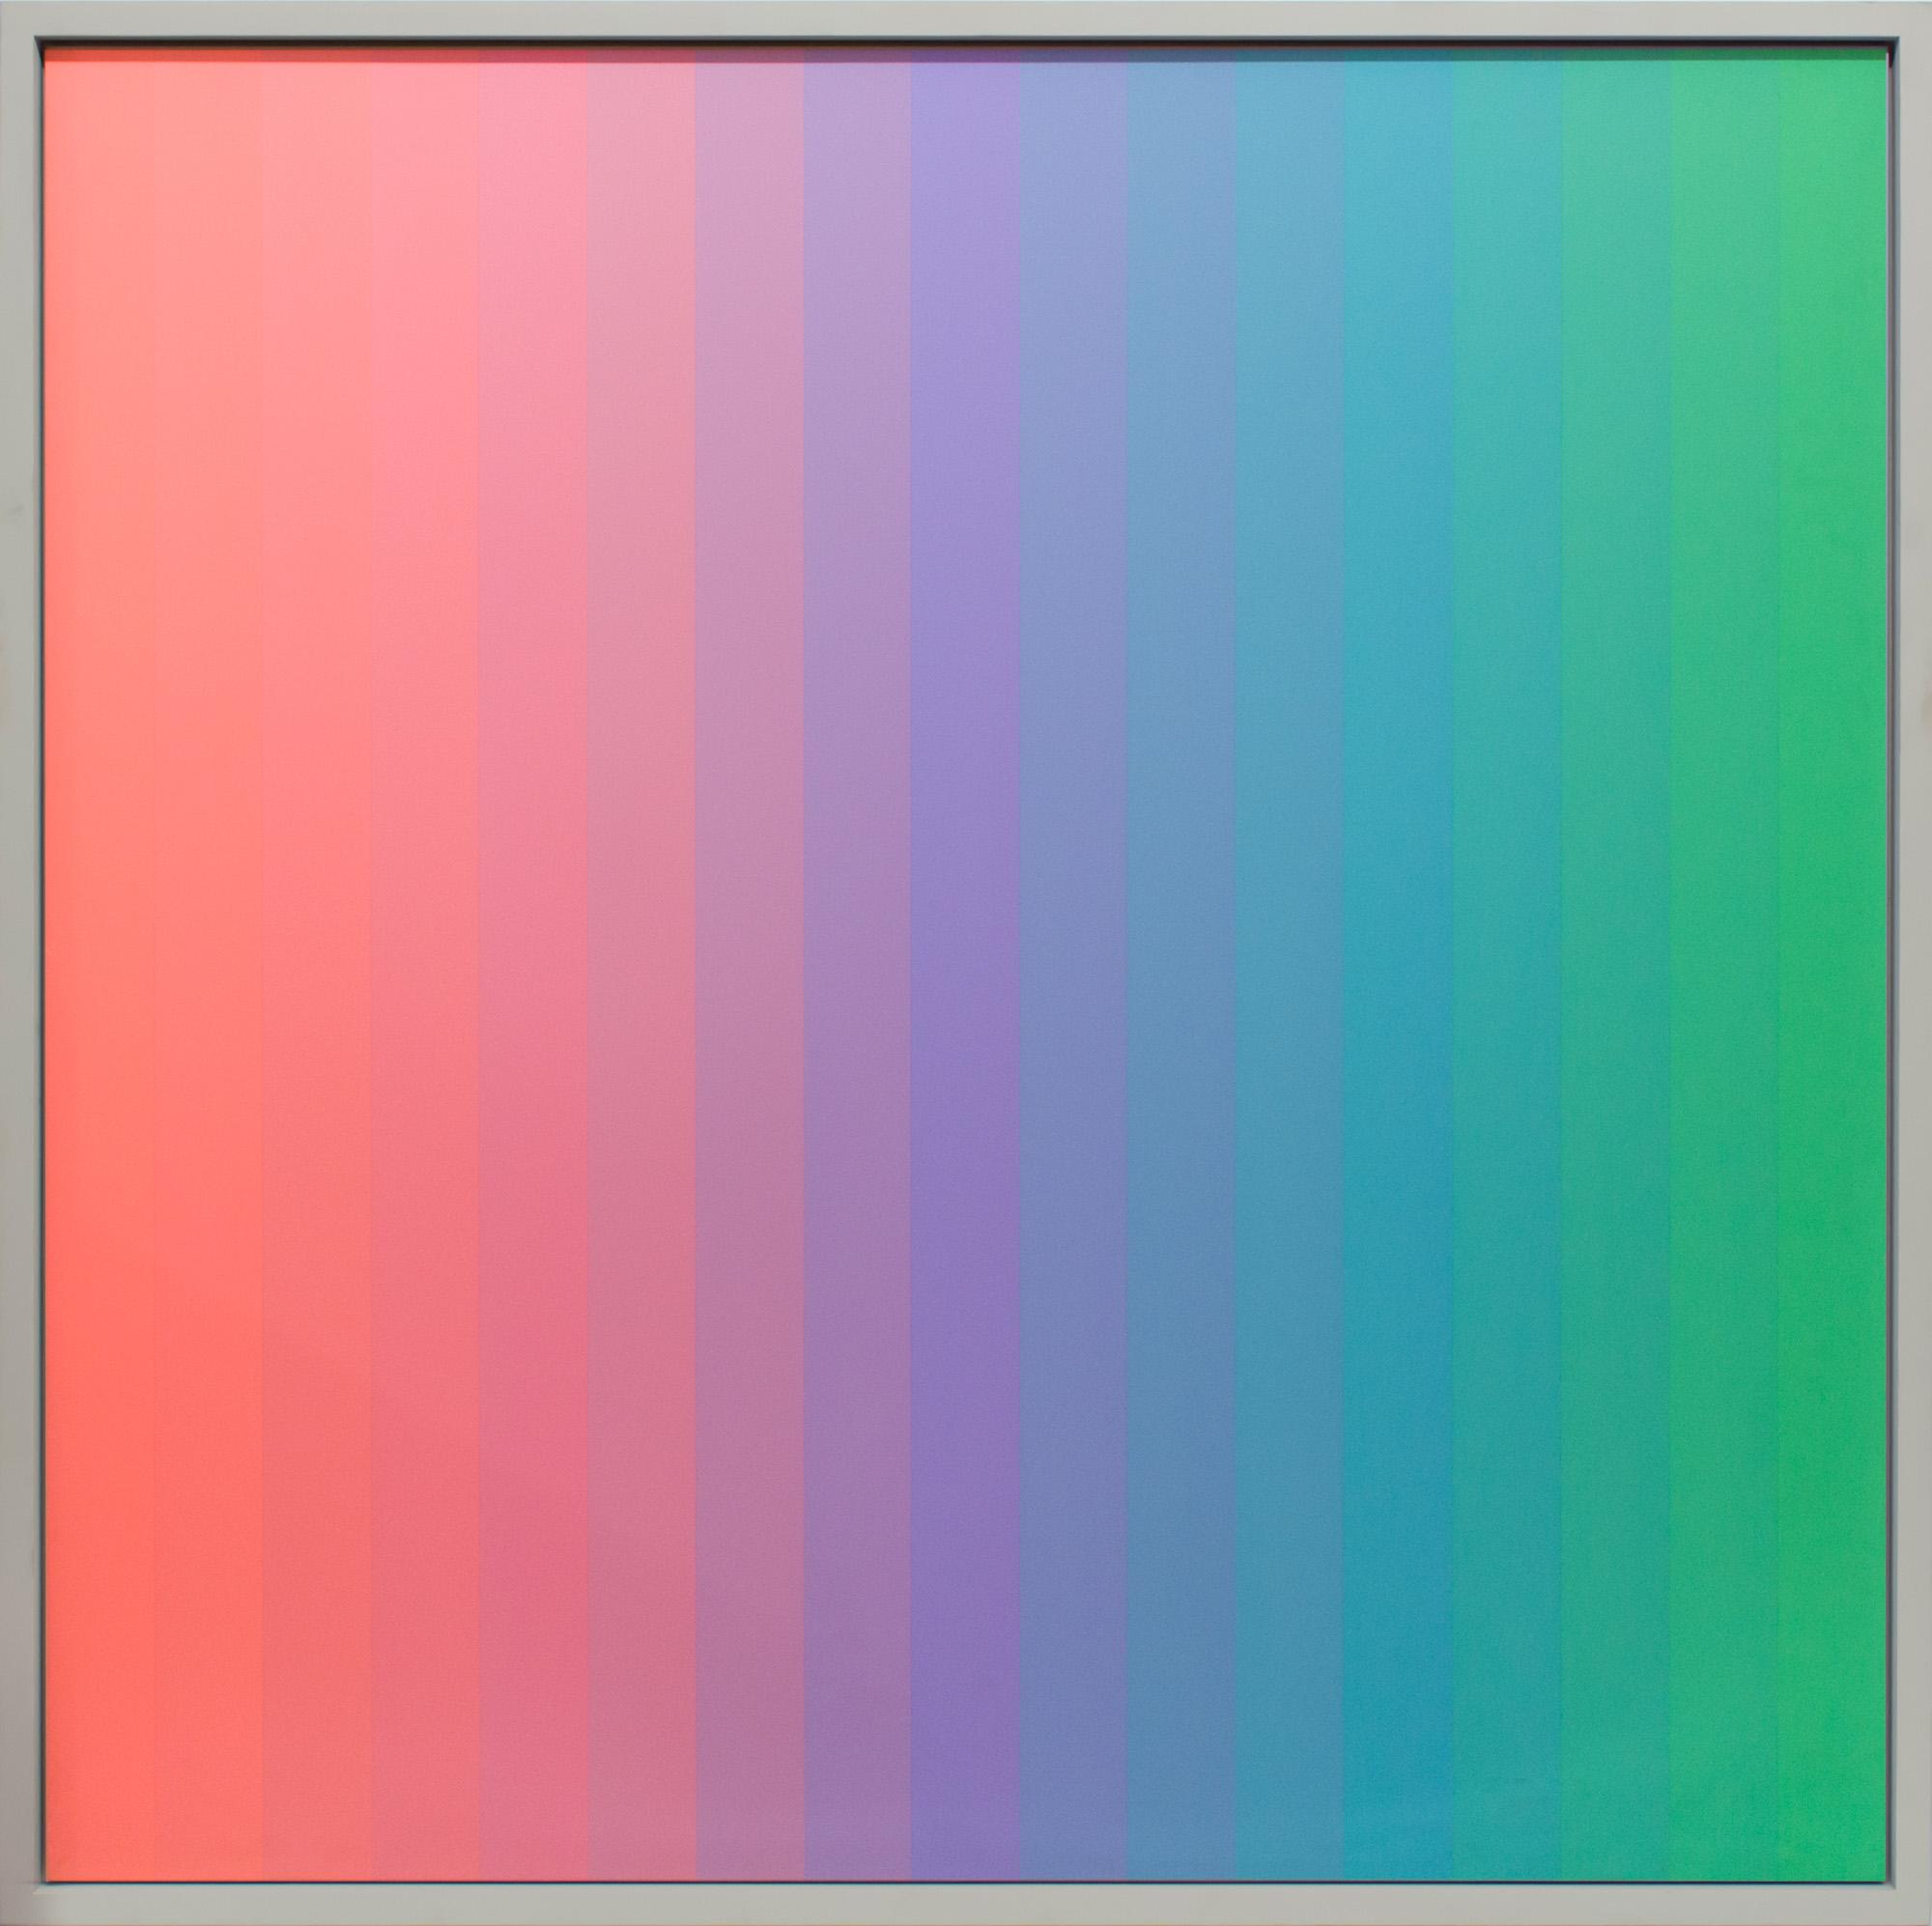 Christian Roeckenschuss | K273 – 140 x 140 cm, Alkydharzfarbe auf Phenapan